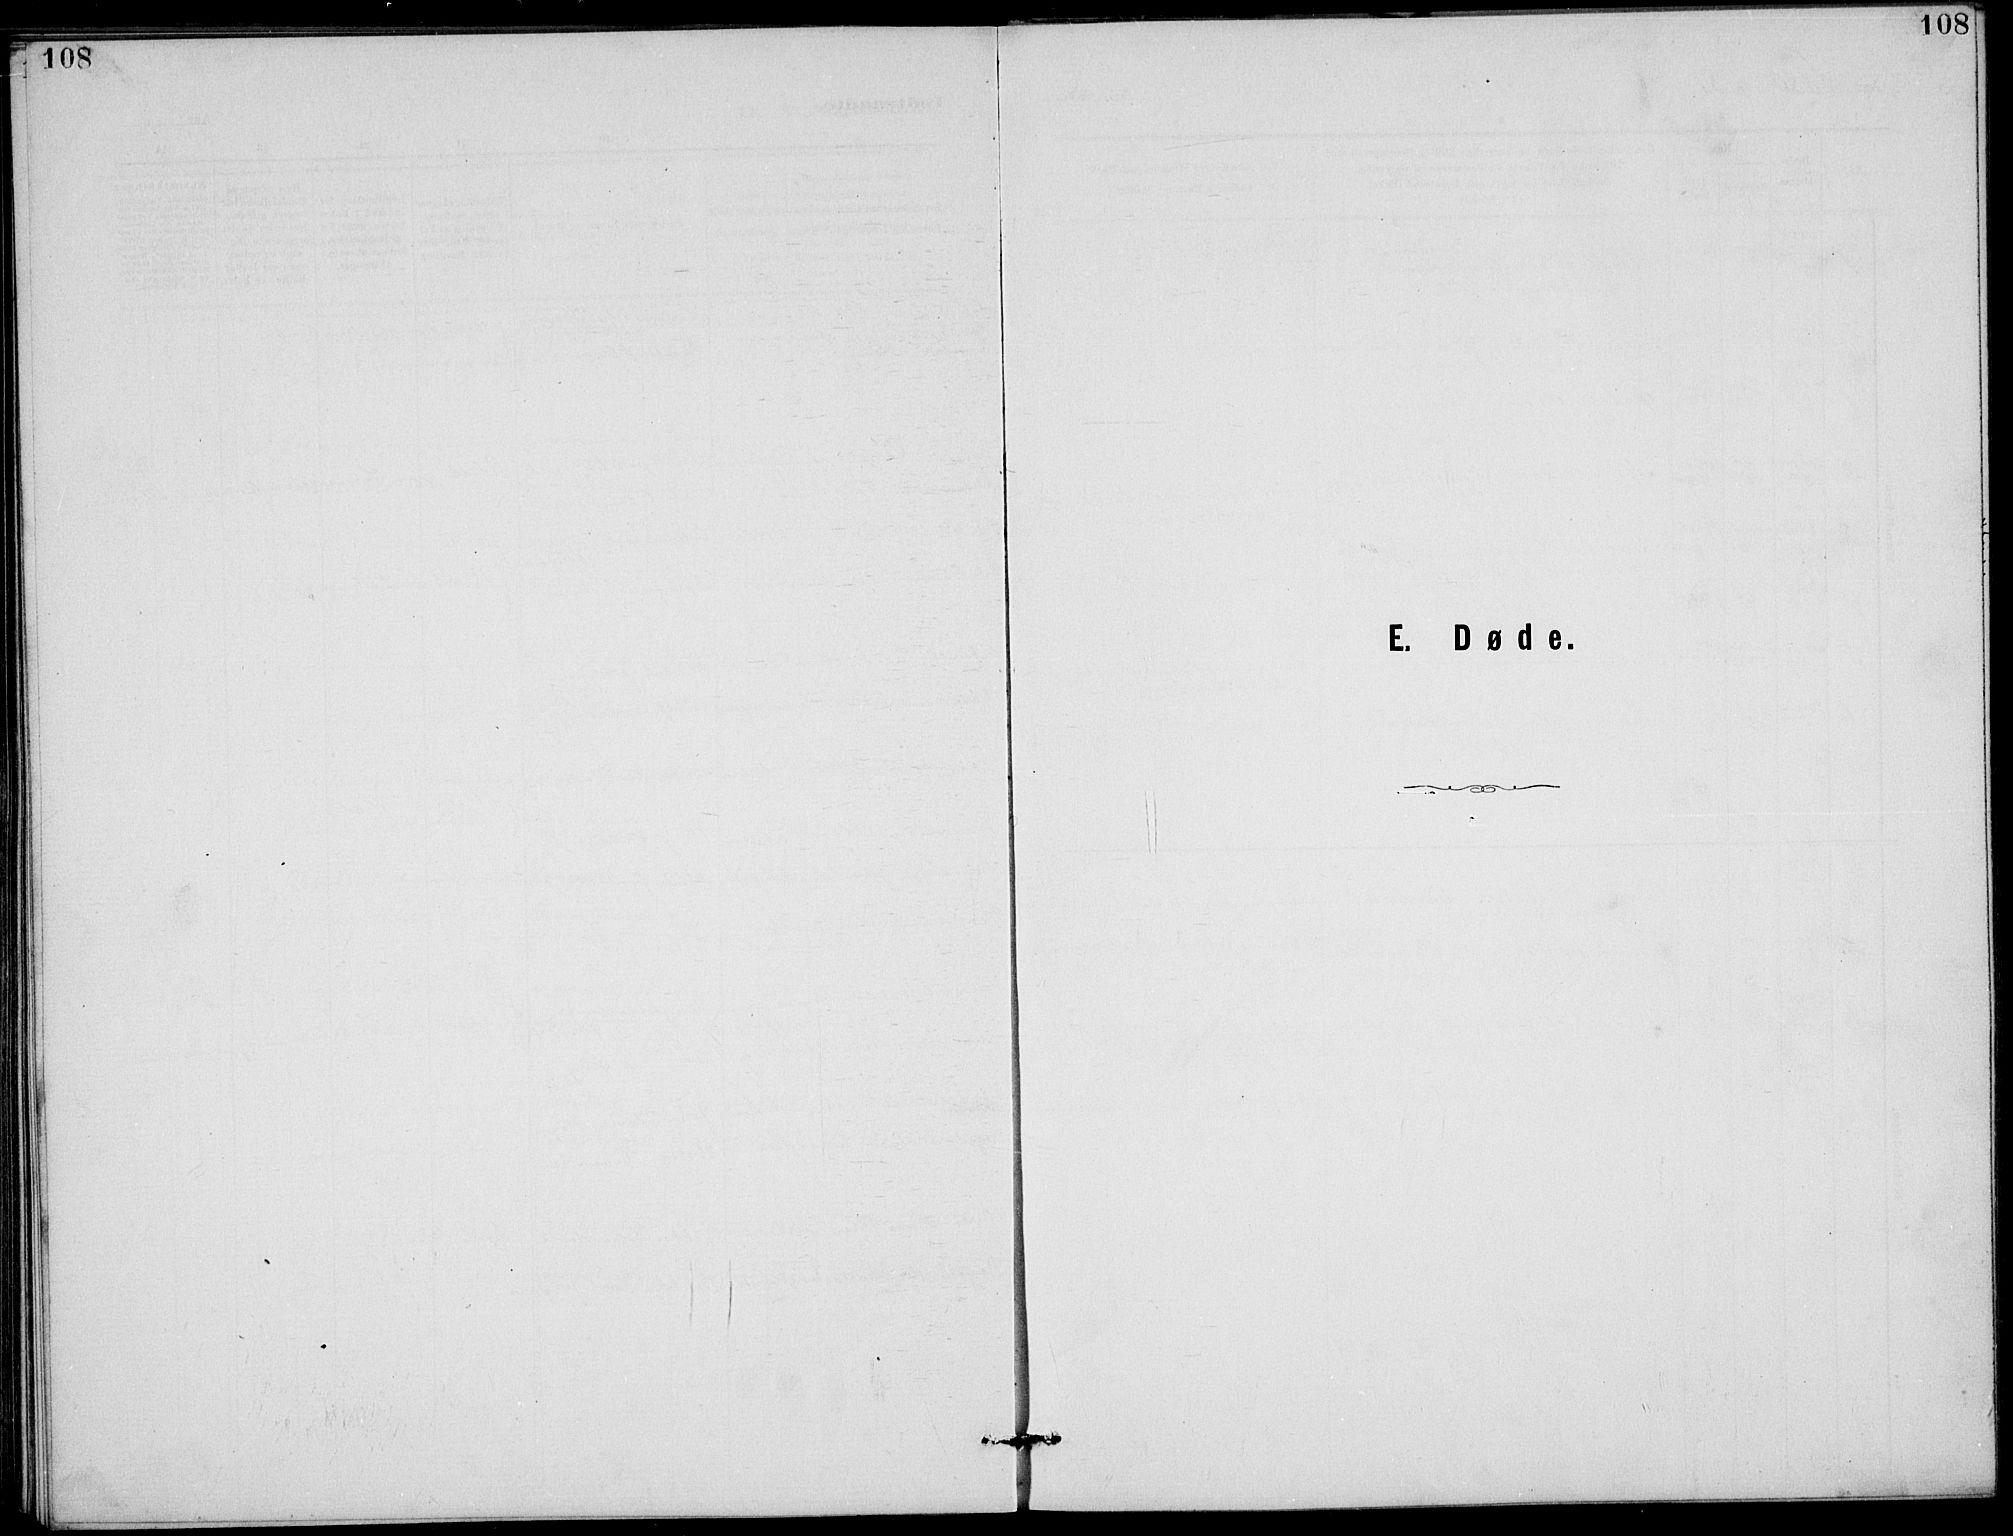 SAKO, Rjukan kirkebøker, G/Ga/L0001: Klokkerbok nr. 1, 1880-1914, s. 108